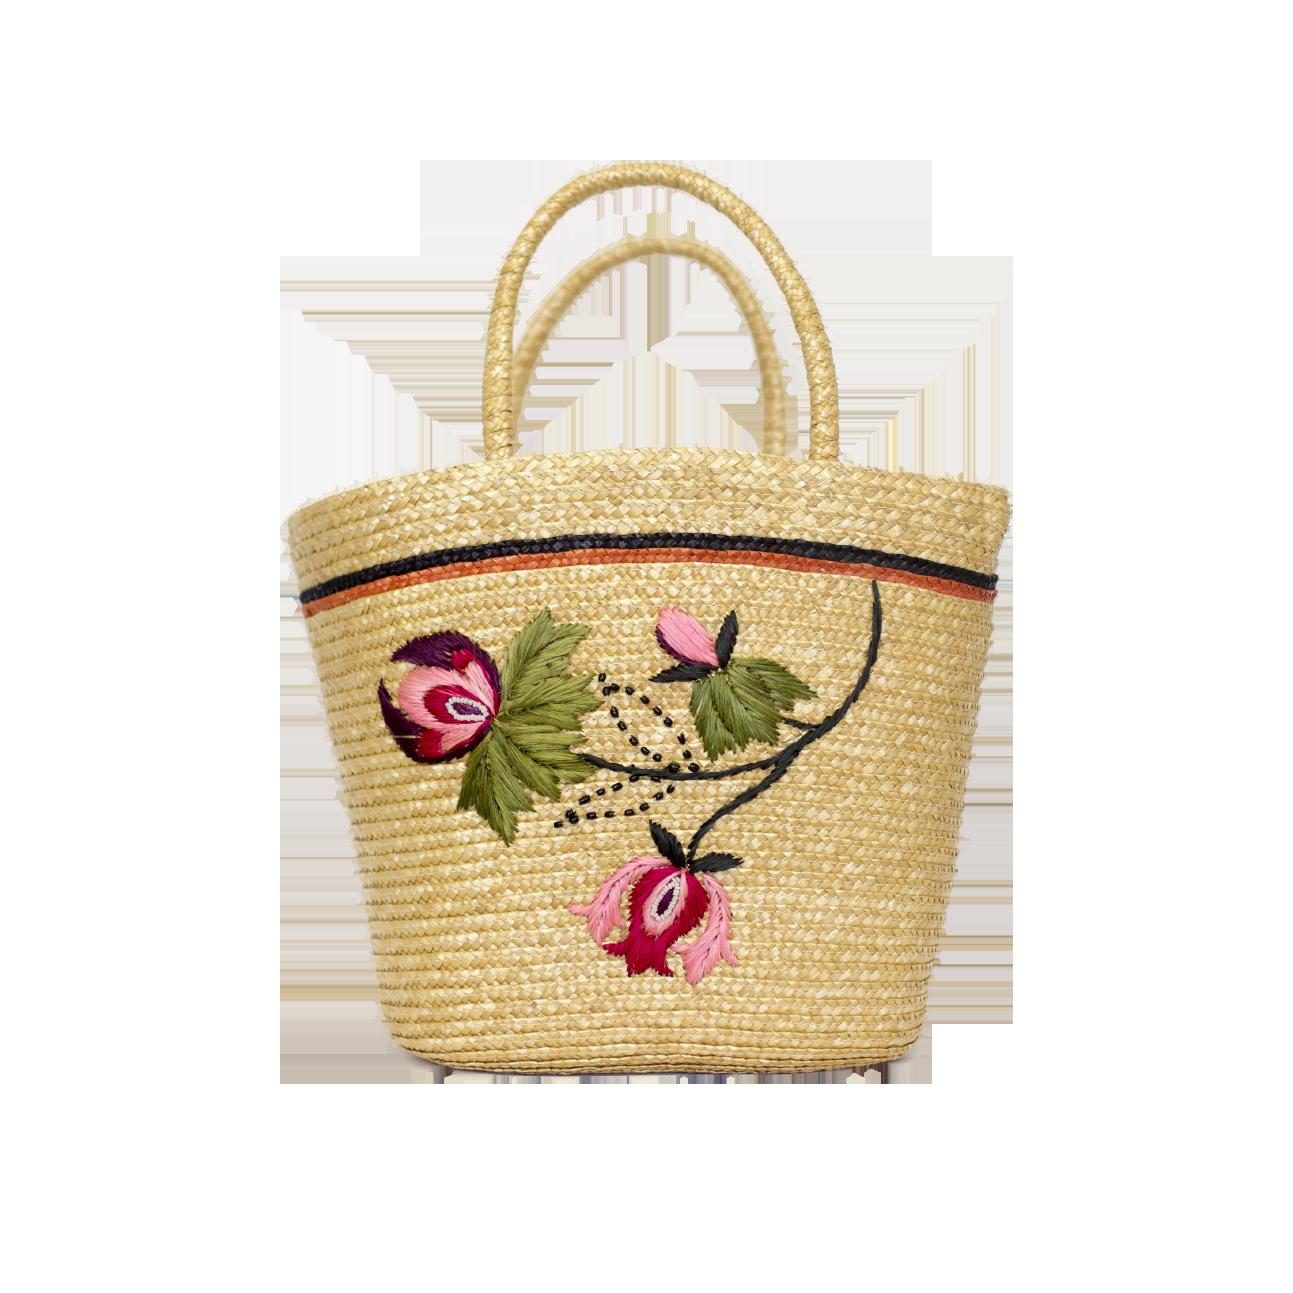 Vintage Juhlalaukku : Olkikassi kukkakirjailulla niin mua second hand vintage